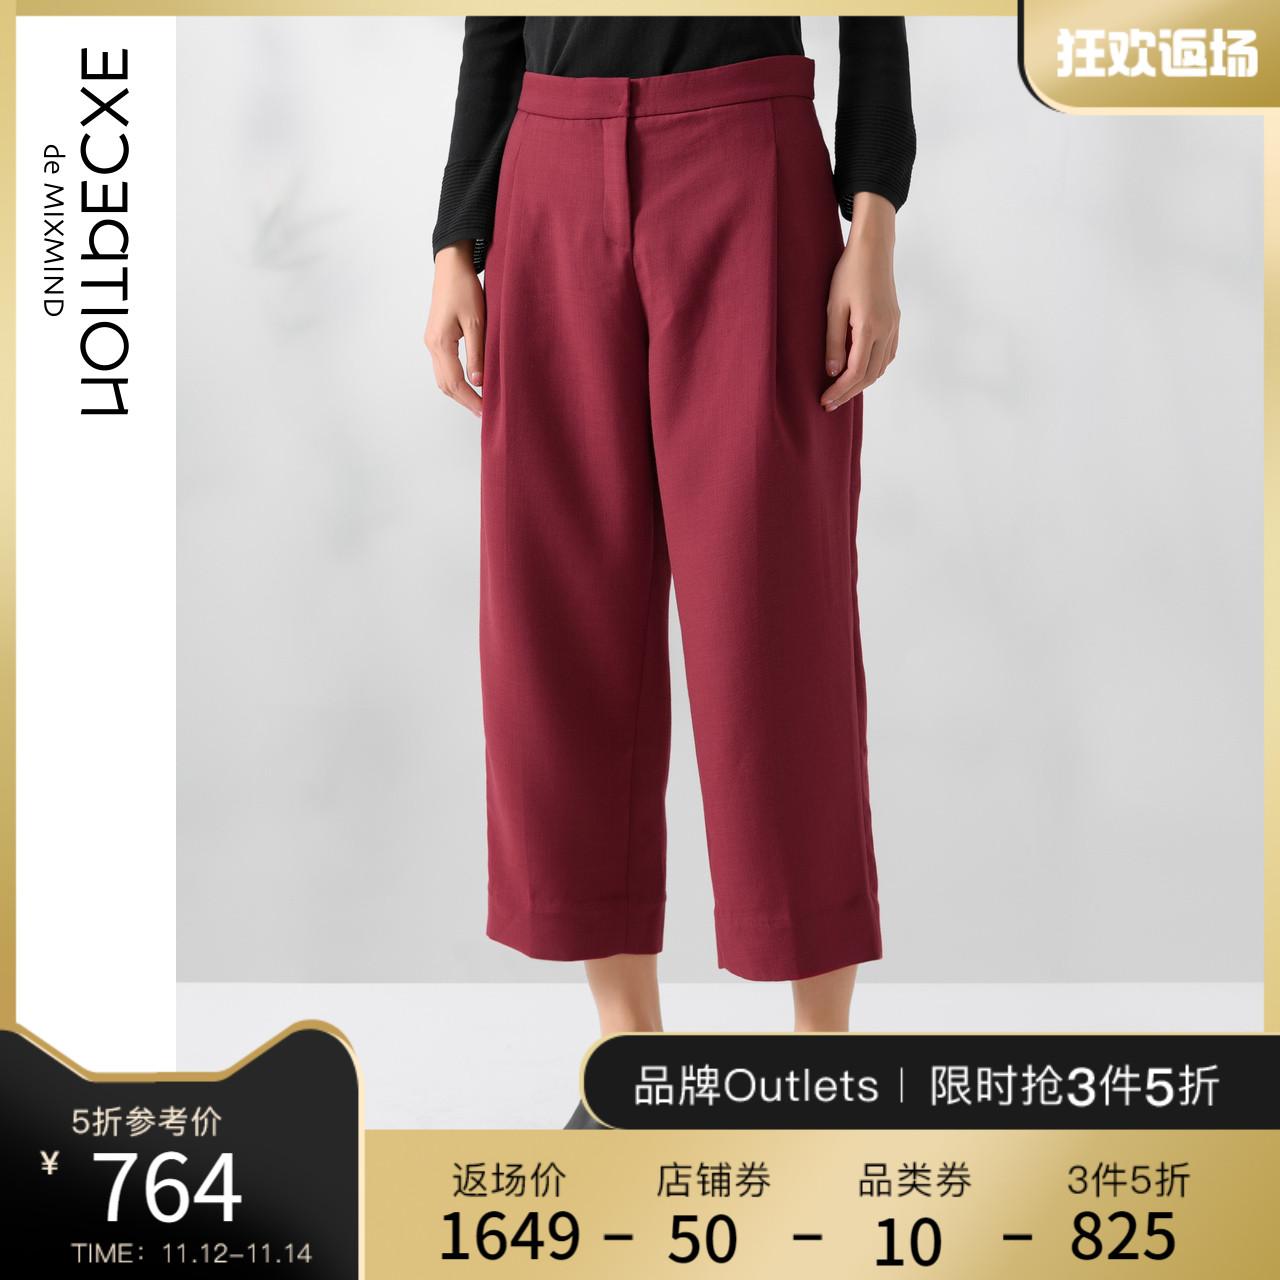 EXCEPTION例外 气质通勤八分阔腿裤女 纯色时尚易搭混纺休闲裤